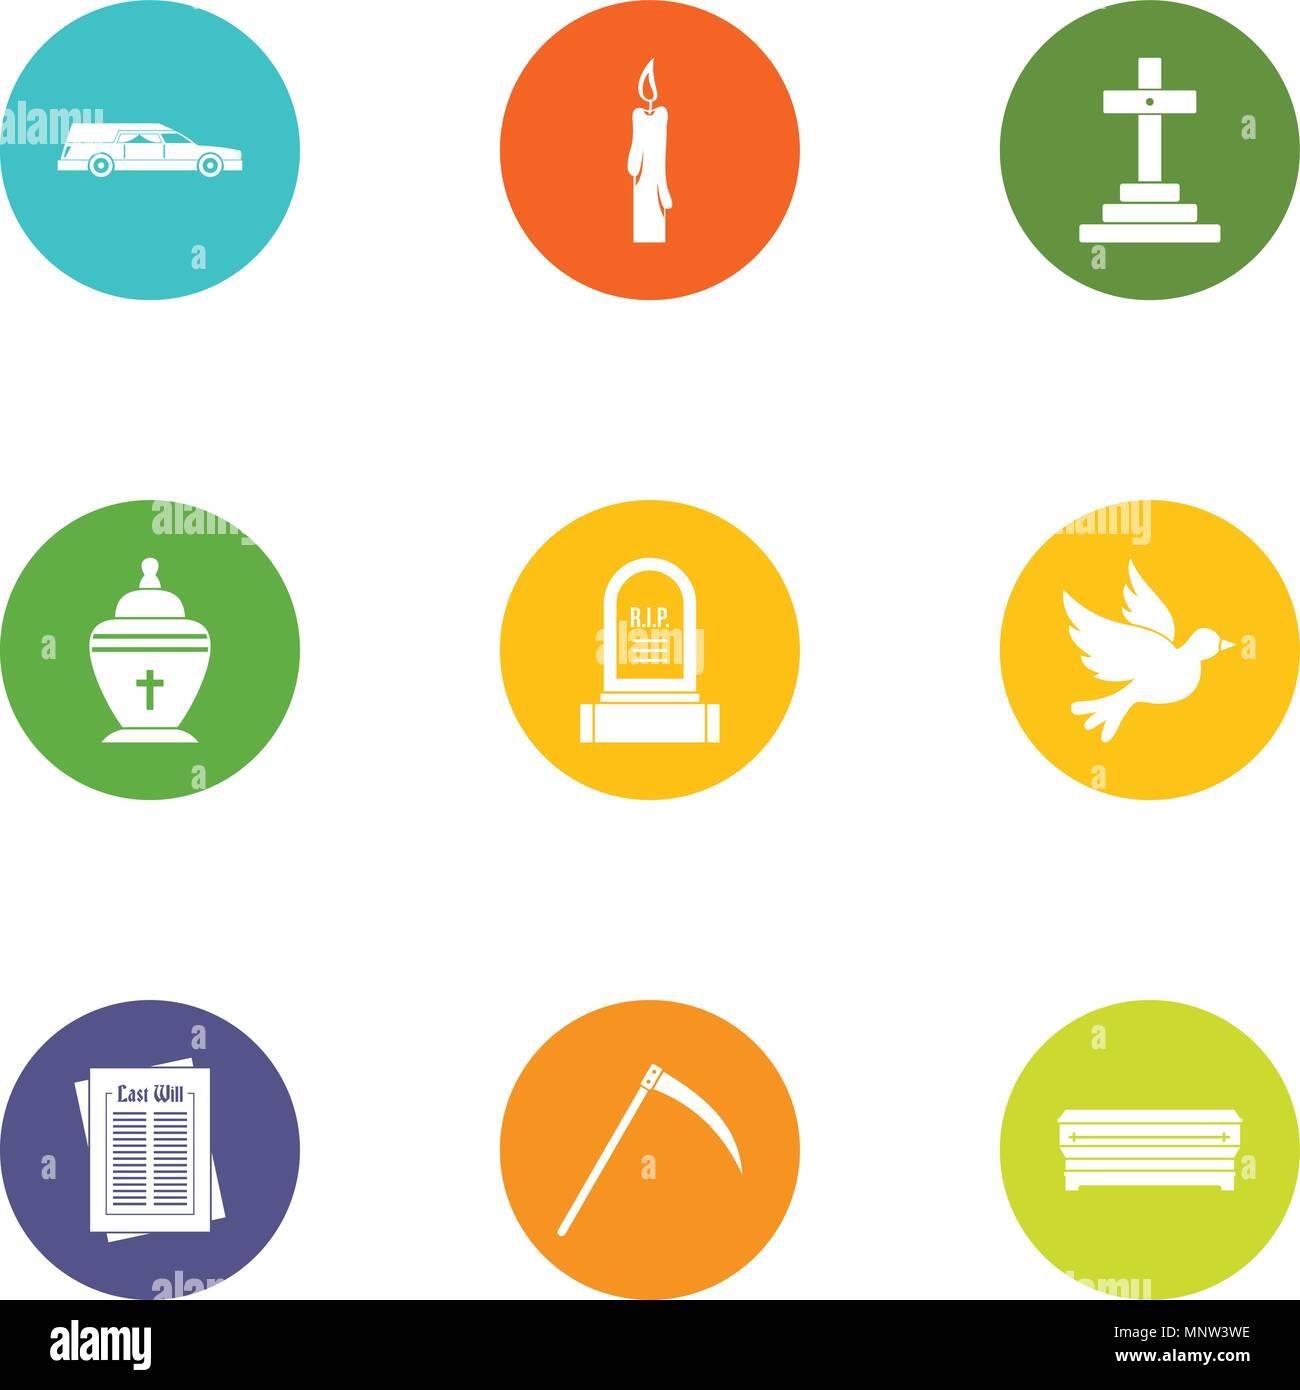 Fatality icons set, flat style - Stock Image